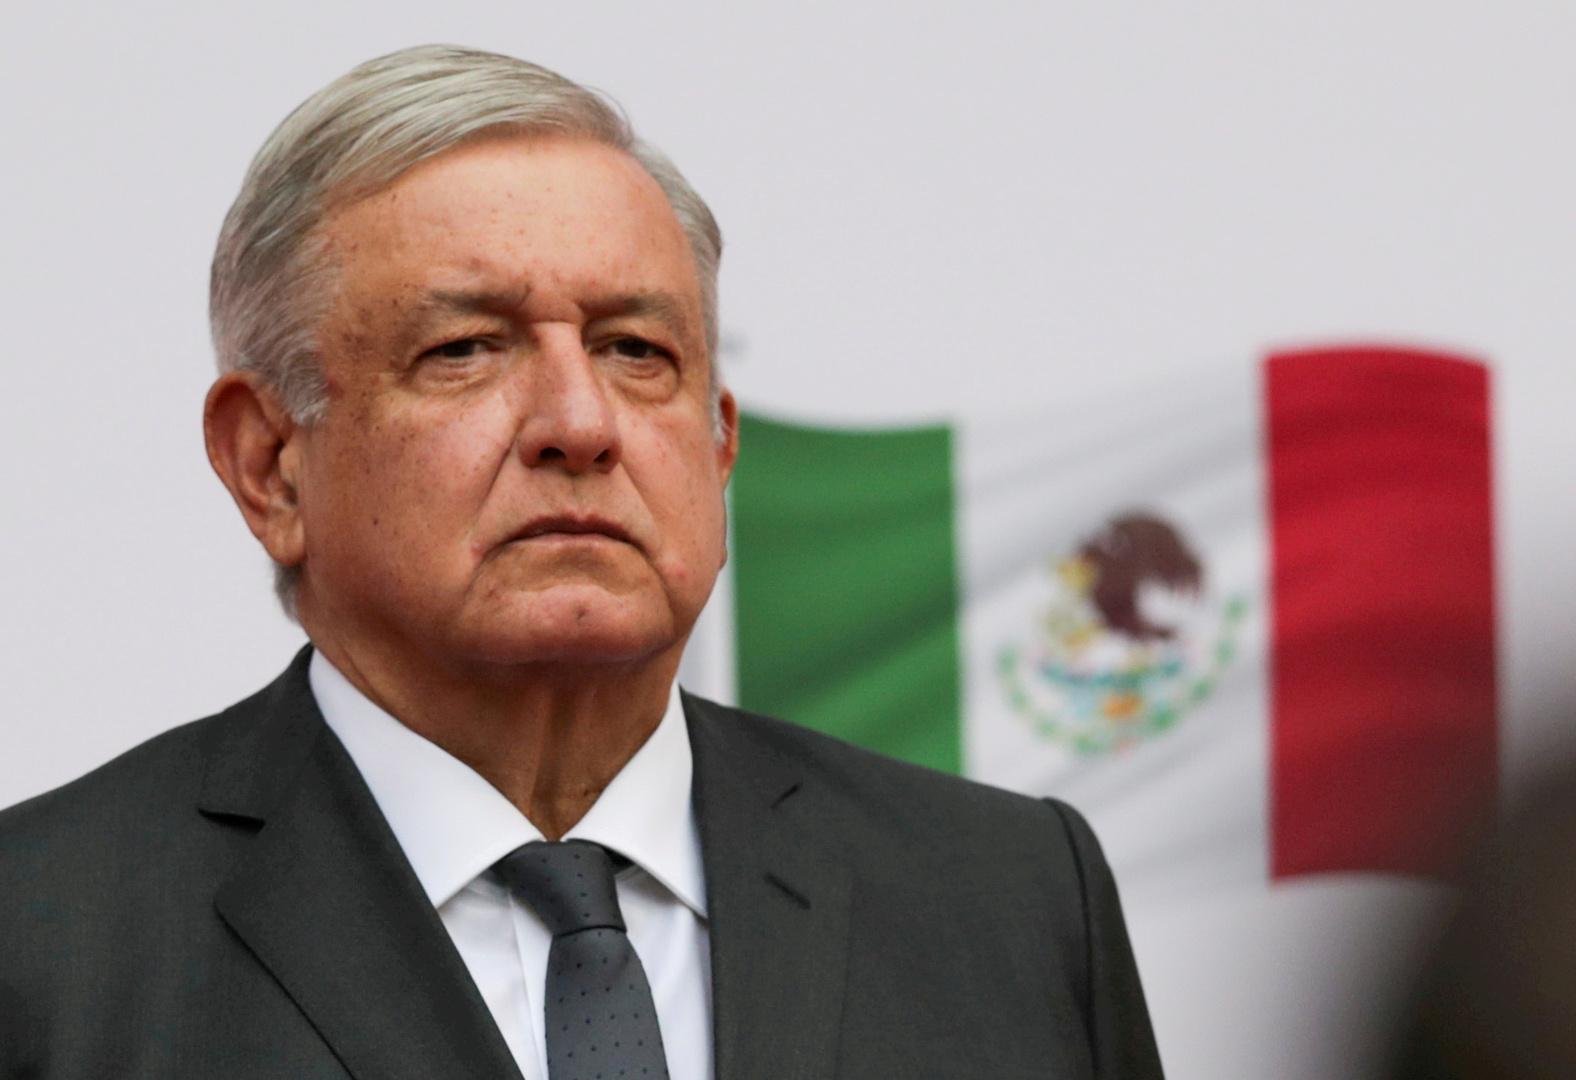 رئيس المكسيك: واشنطن لا تملك أي دليل يدين وزيرنا السابق بتجارة المخدرات